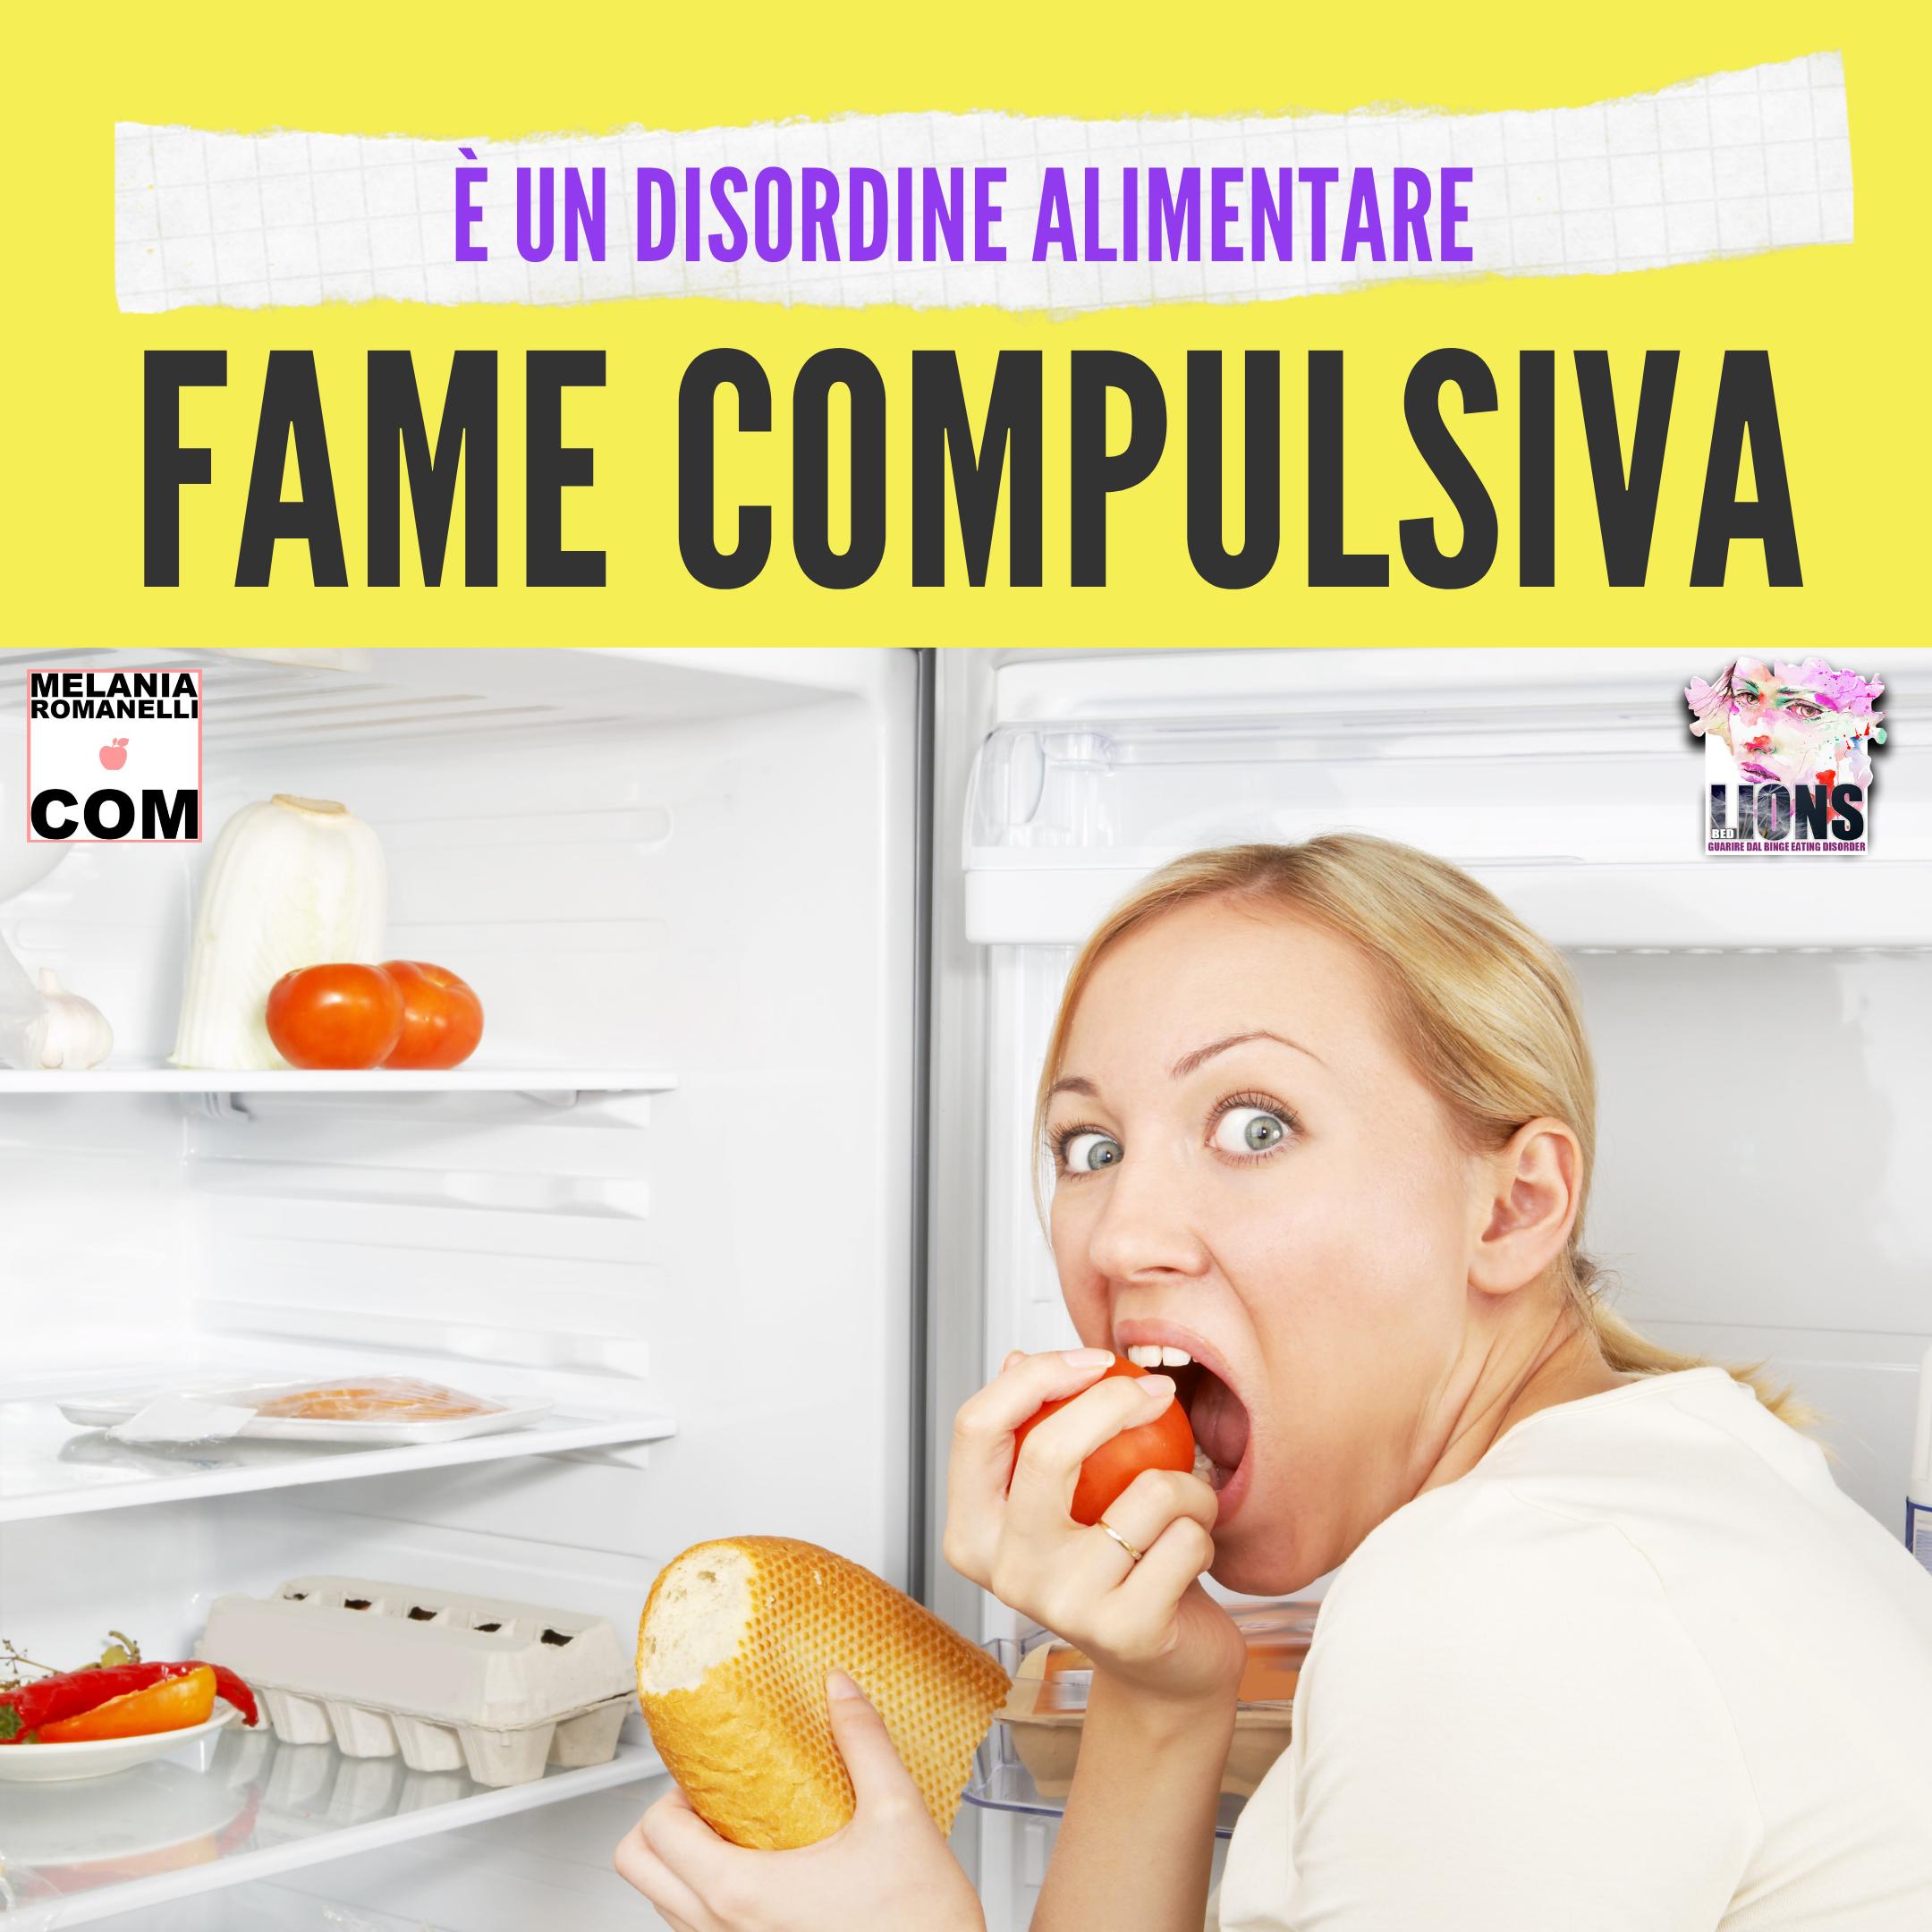 Fame-compulsive-è-un-disturbo-alimentare